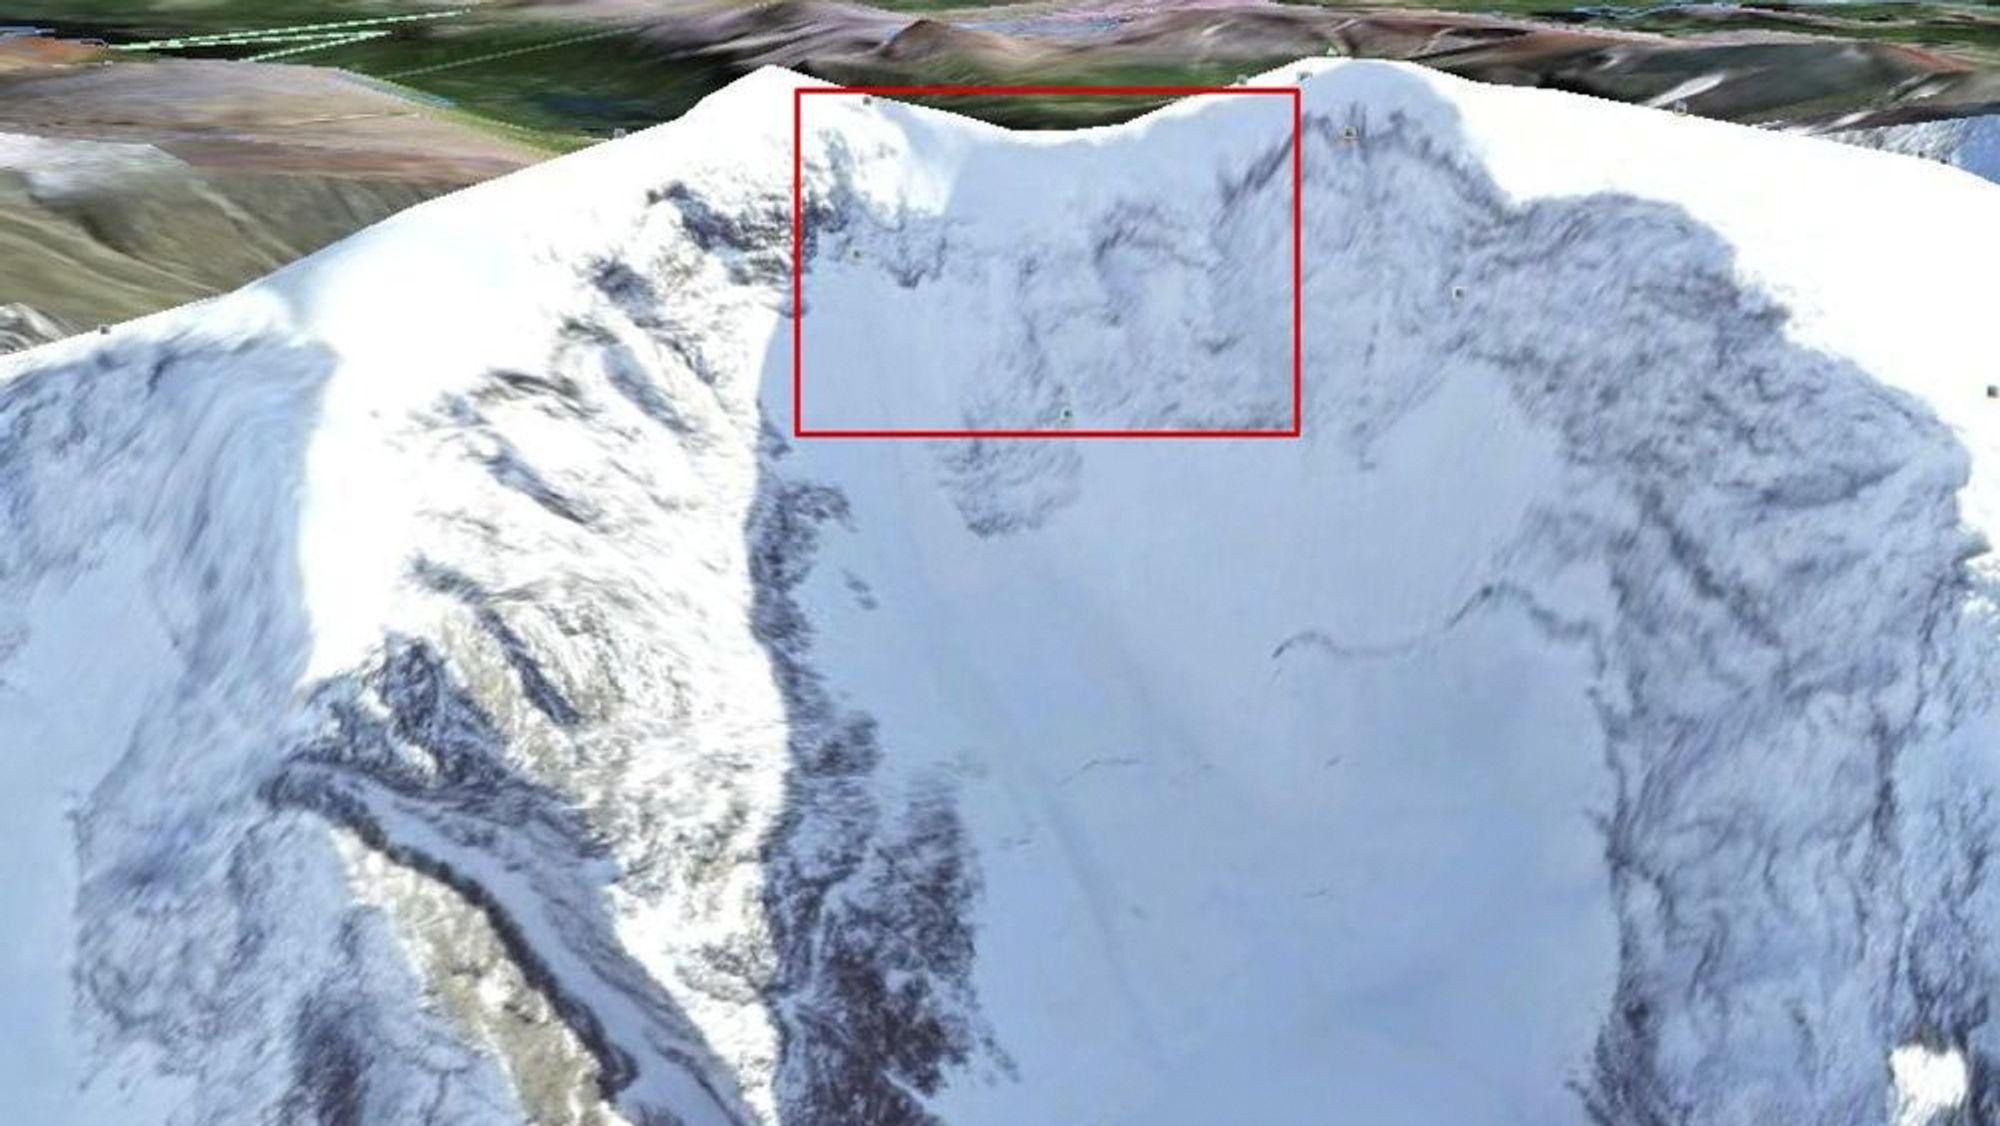 HER BLE FLYET FUNNET: Forsvaret har frigjort dette bildet tatt lørdag morgen fra et Orion-fly som har deltatt i søket etter Hercules-flyet som har vært savnet i området rundet Kebnekaise i nord-Sverige siden torsdag. Alle markeringer i bildet er gjort av Forsvaret.